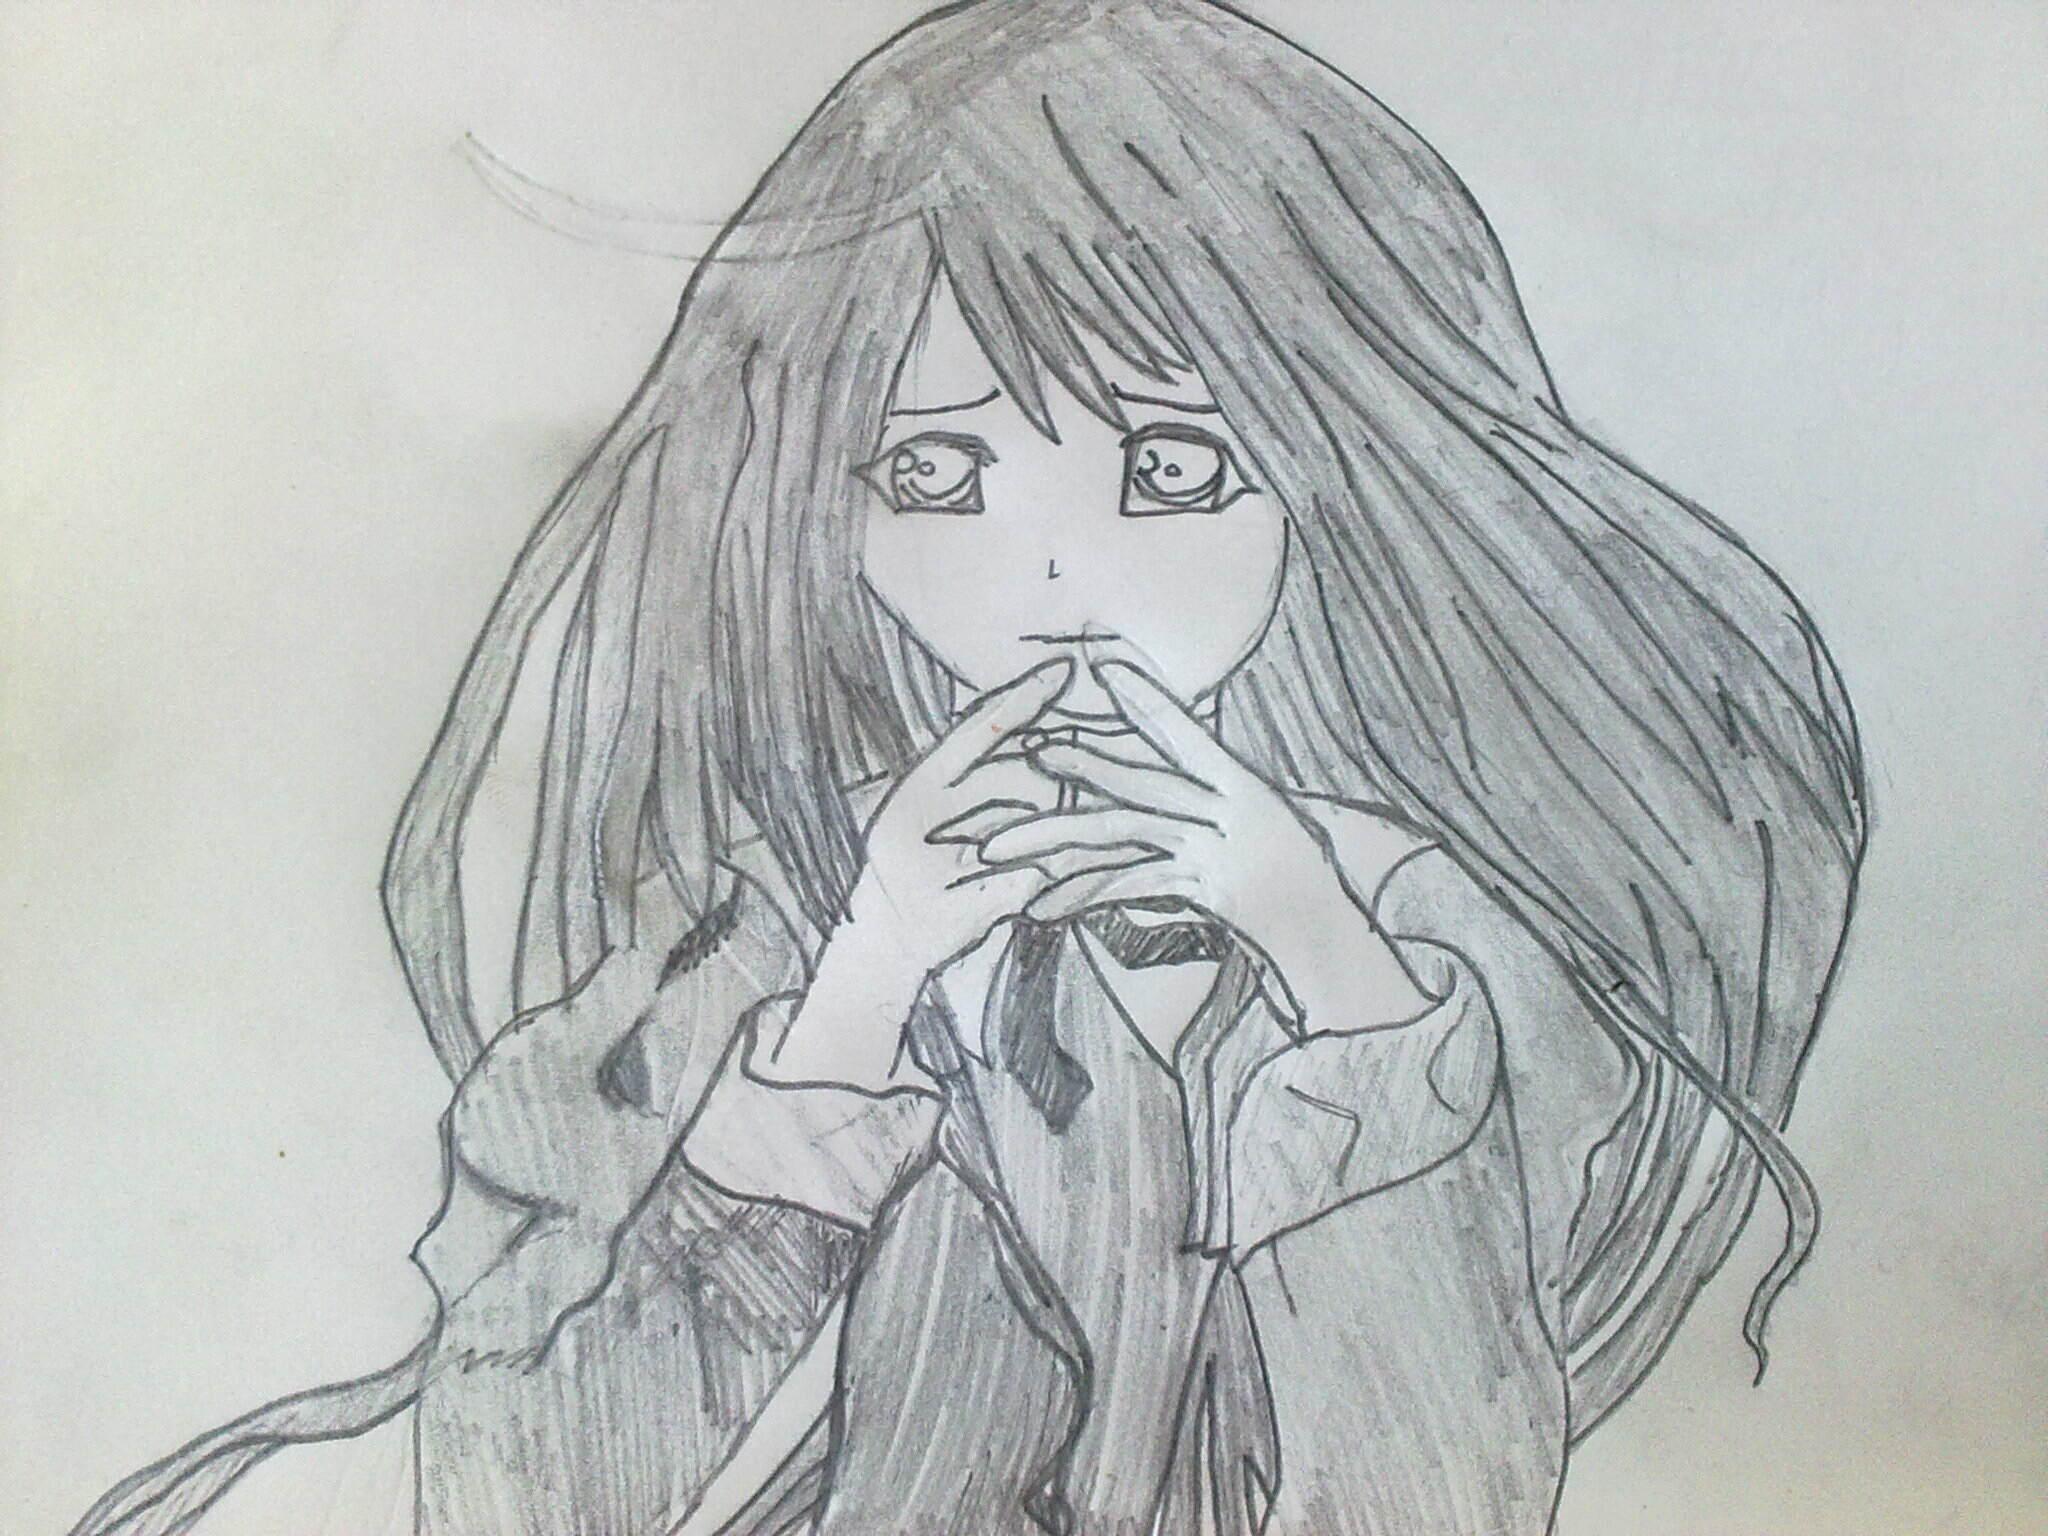 Anime Girl And Boy Sad Drawing Anime Collection